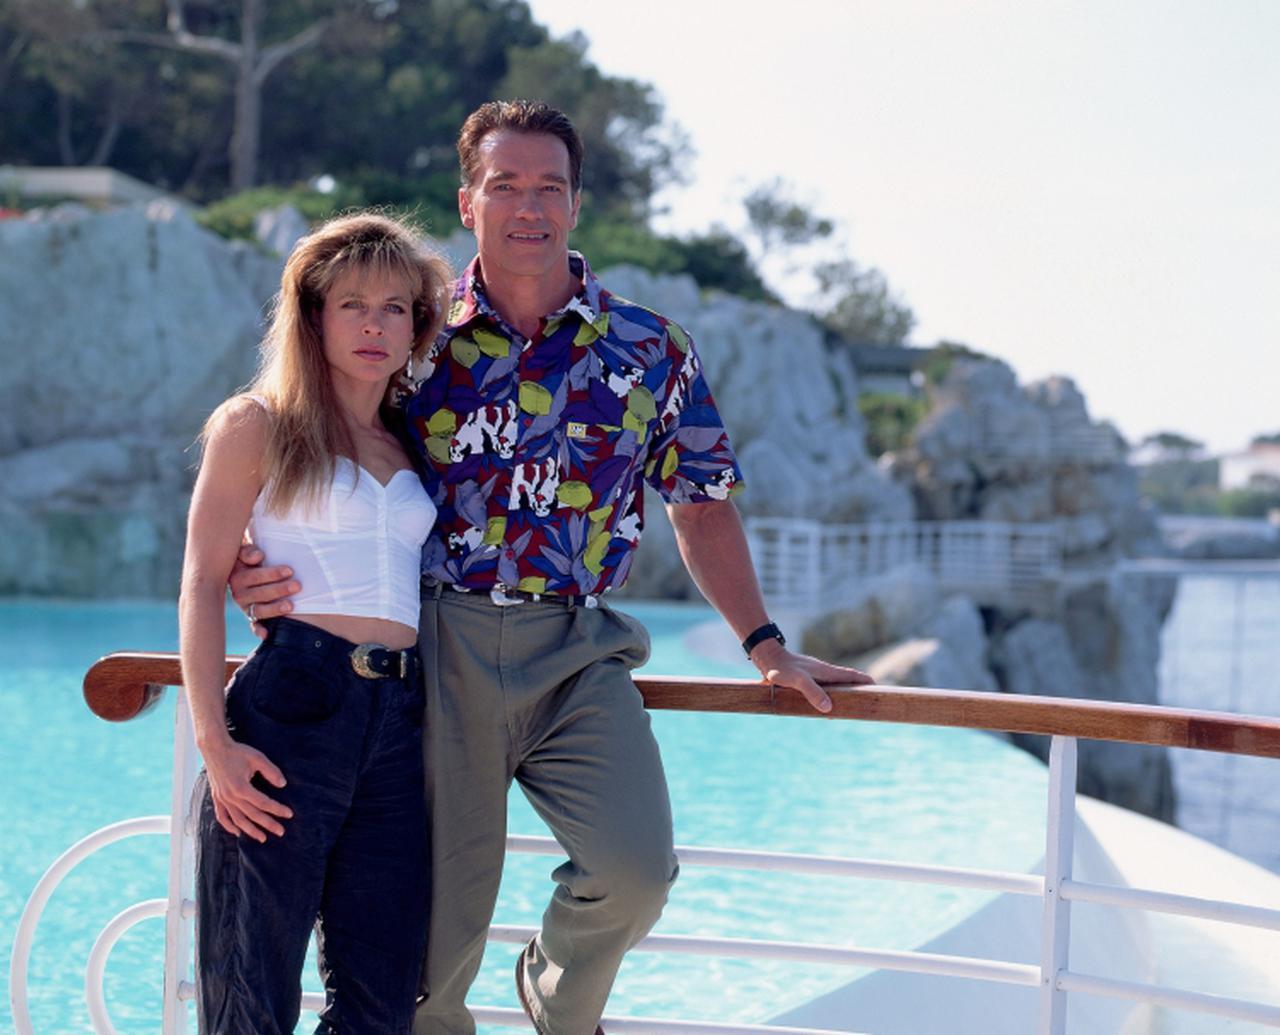 画像: 1992年のカンヌ国際映画祭参加のためアーノルドとフランス・カンヌを訪れたリンダ。